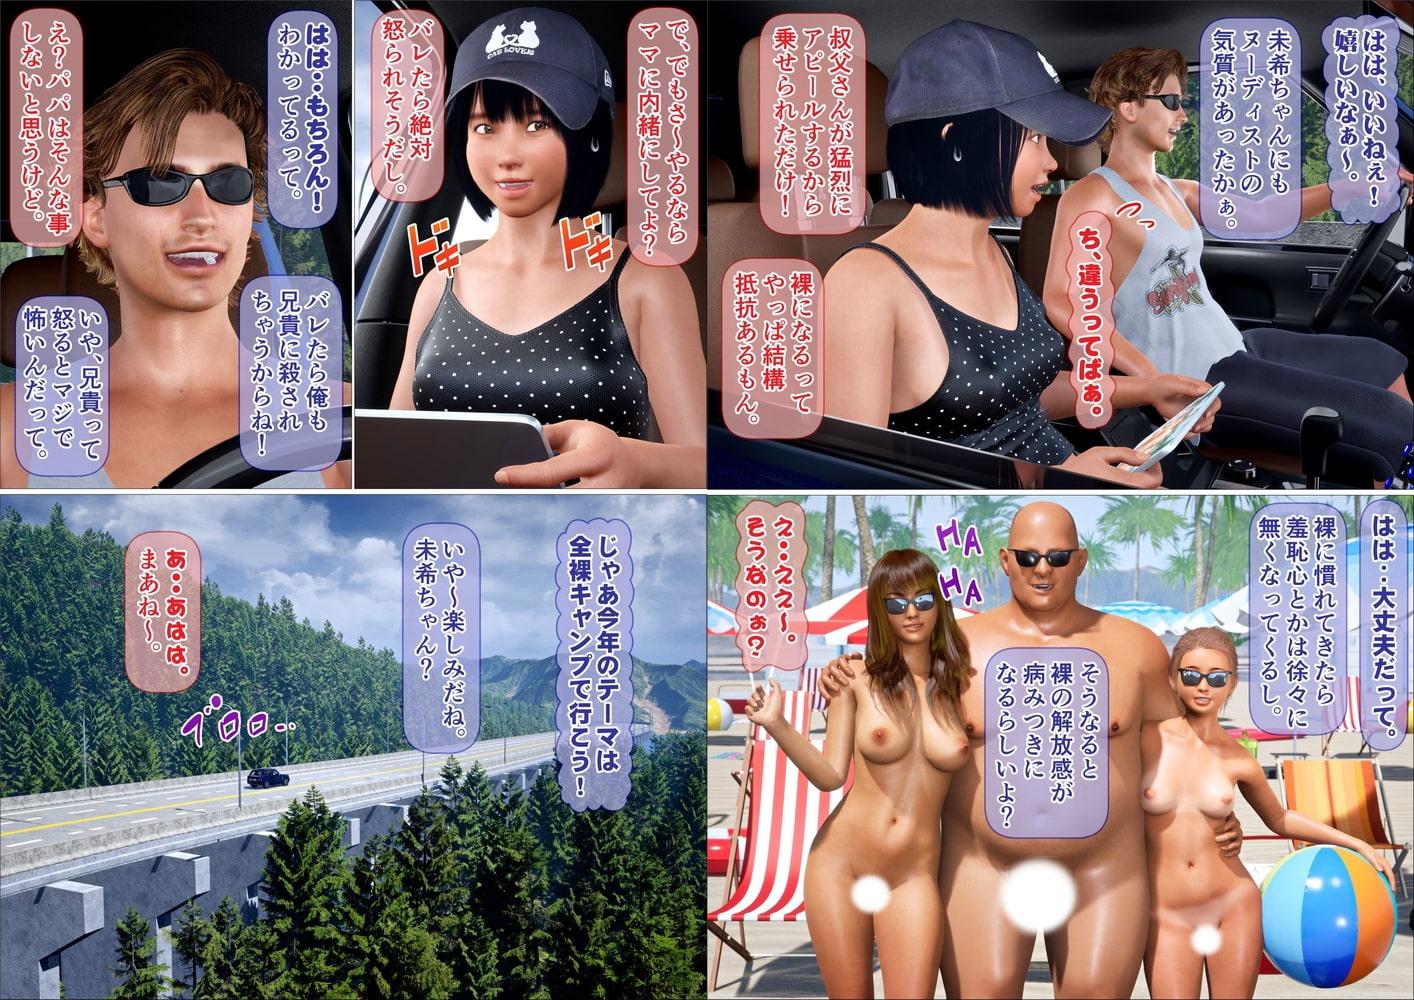 姪っ子と秘密の全裸キャンプ完全版(フルカラー)